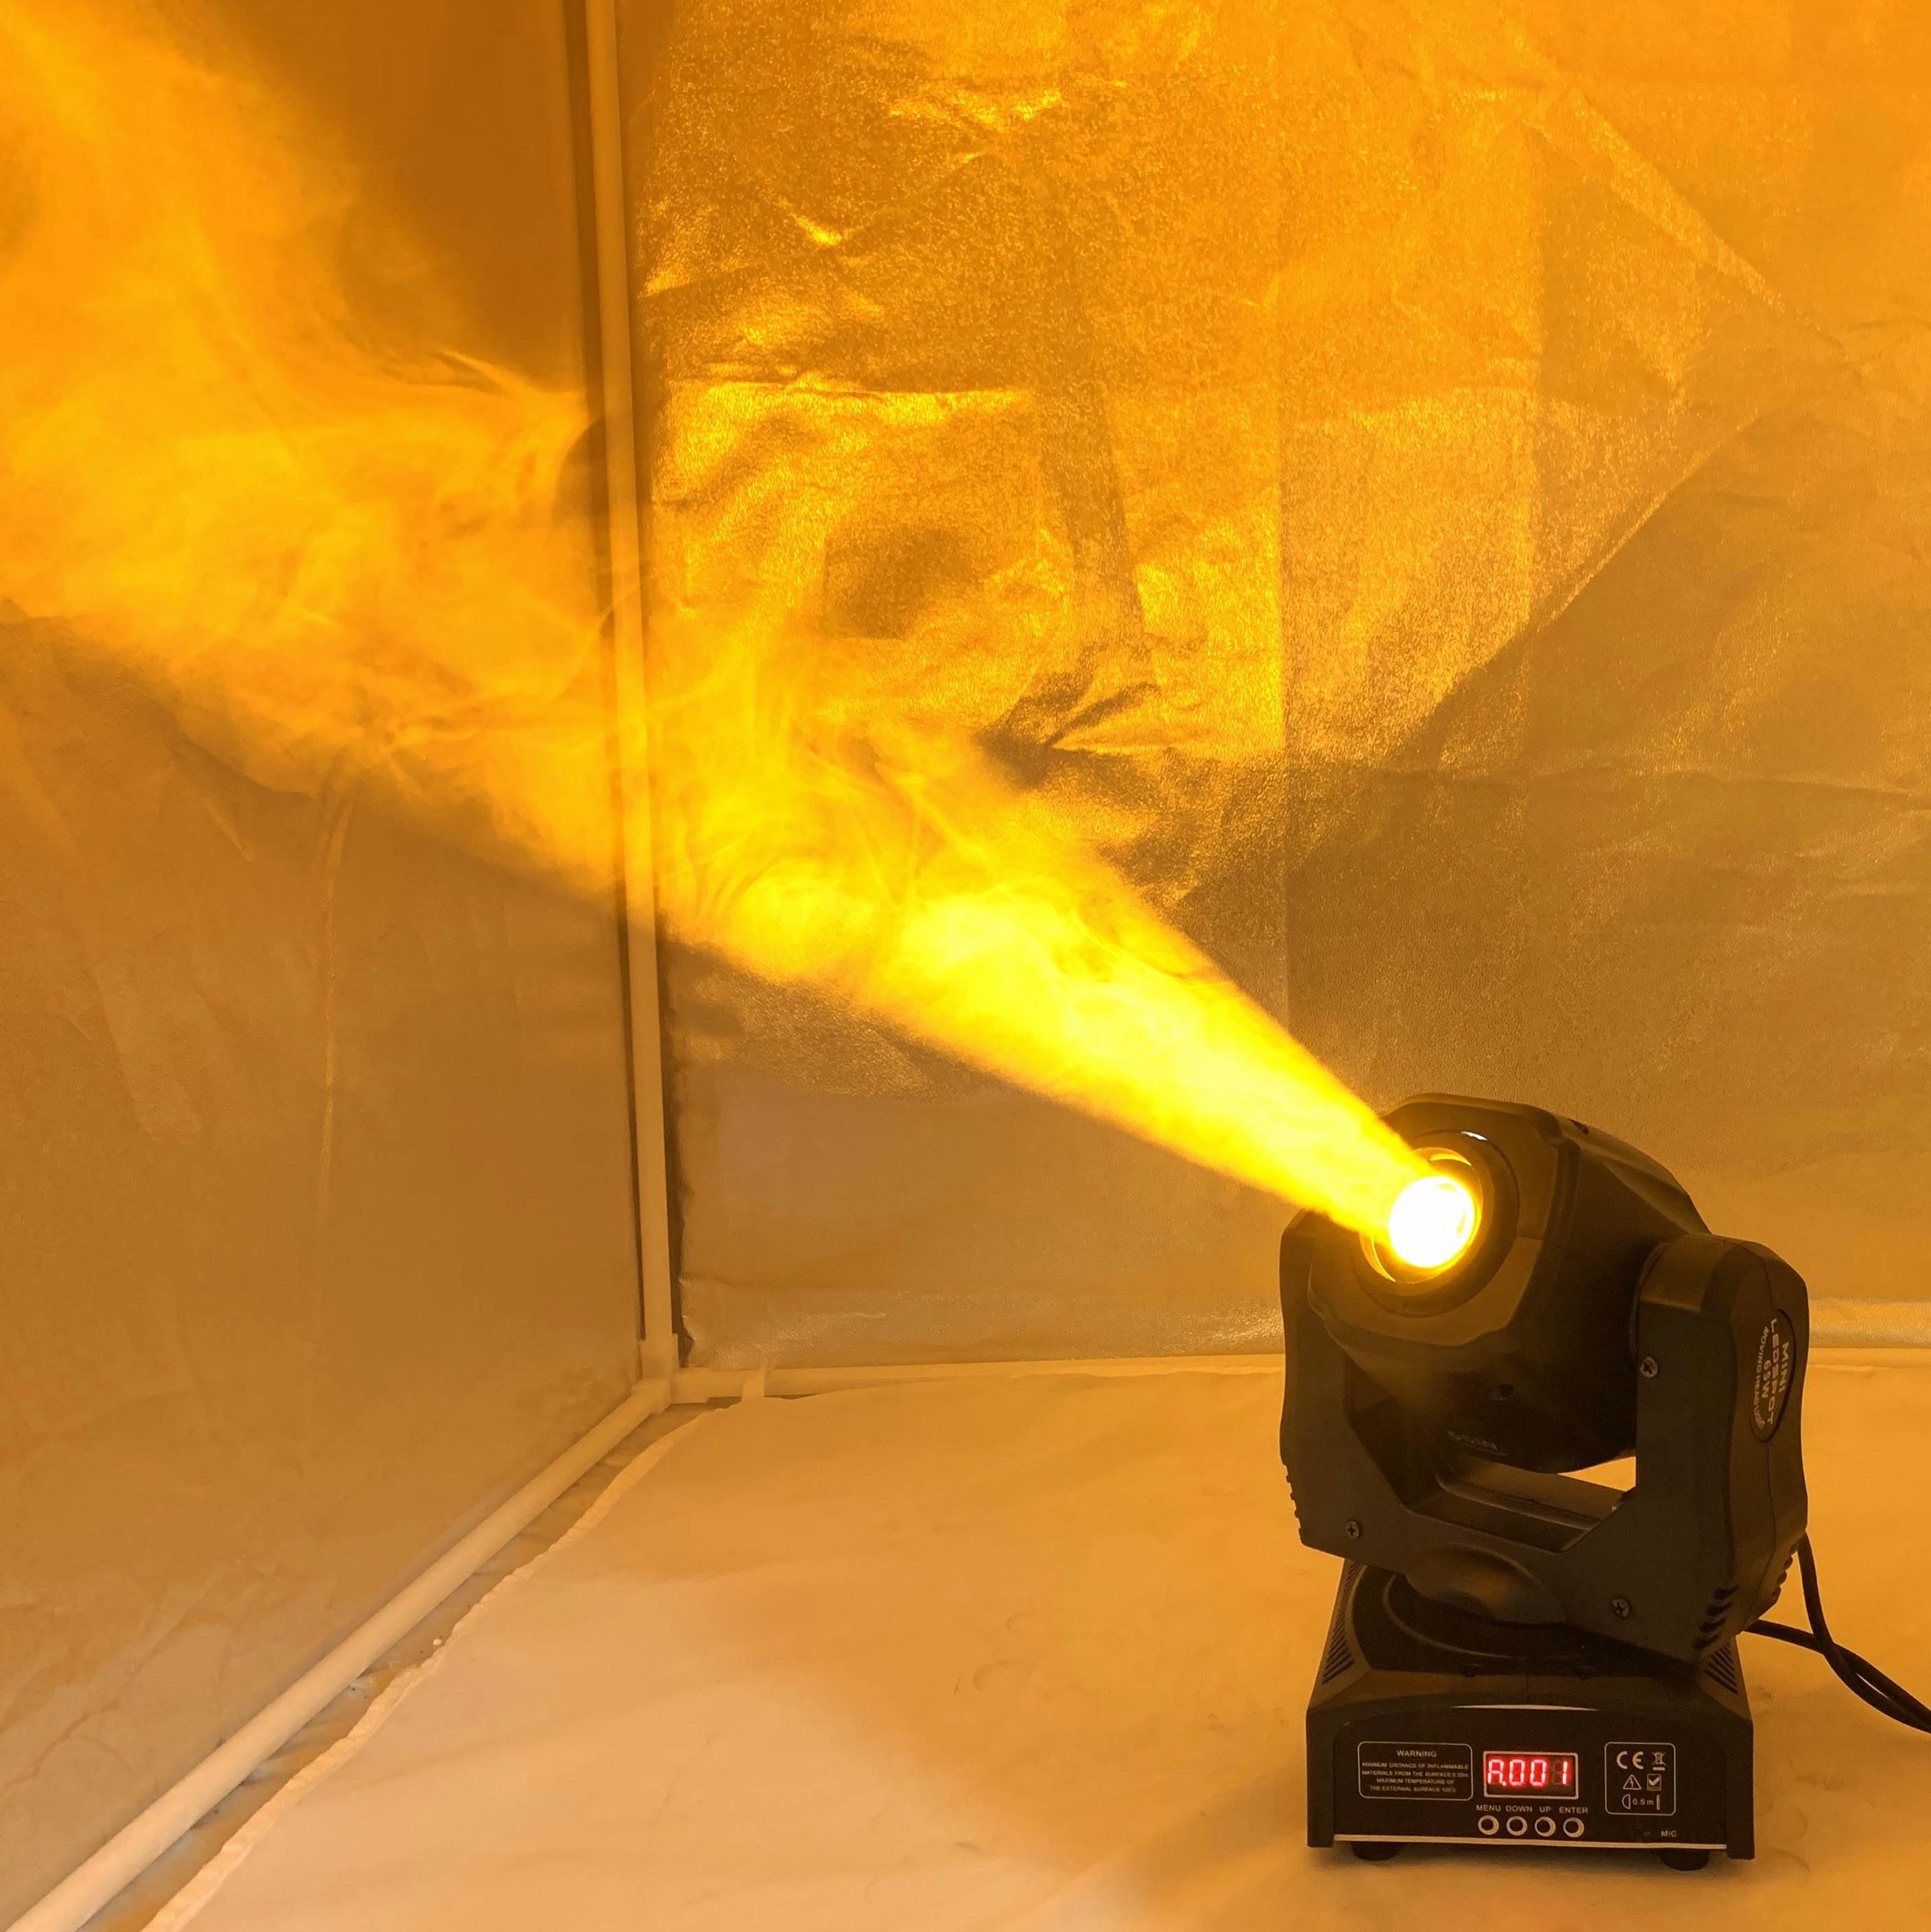 Светодиодный светильник с подвижной головкой/USA Luminums светодиодный DJ Точечный светильник 65 Вт gobo светодиодный dj сканеры супер яркий светоди